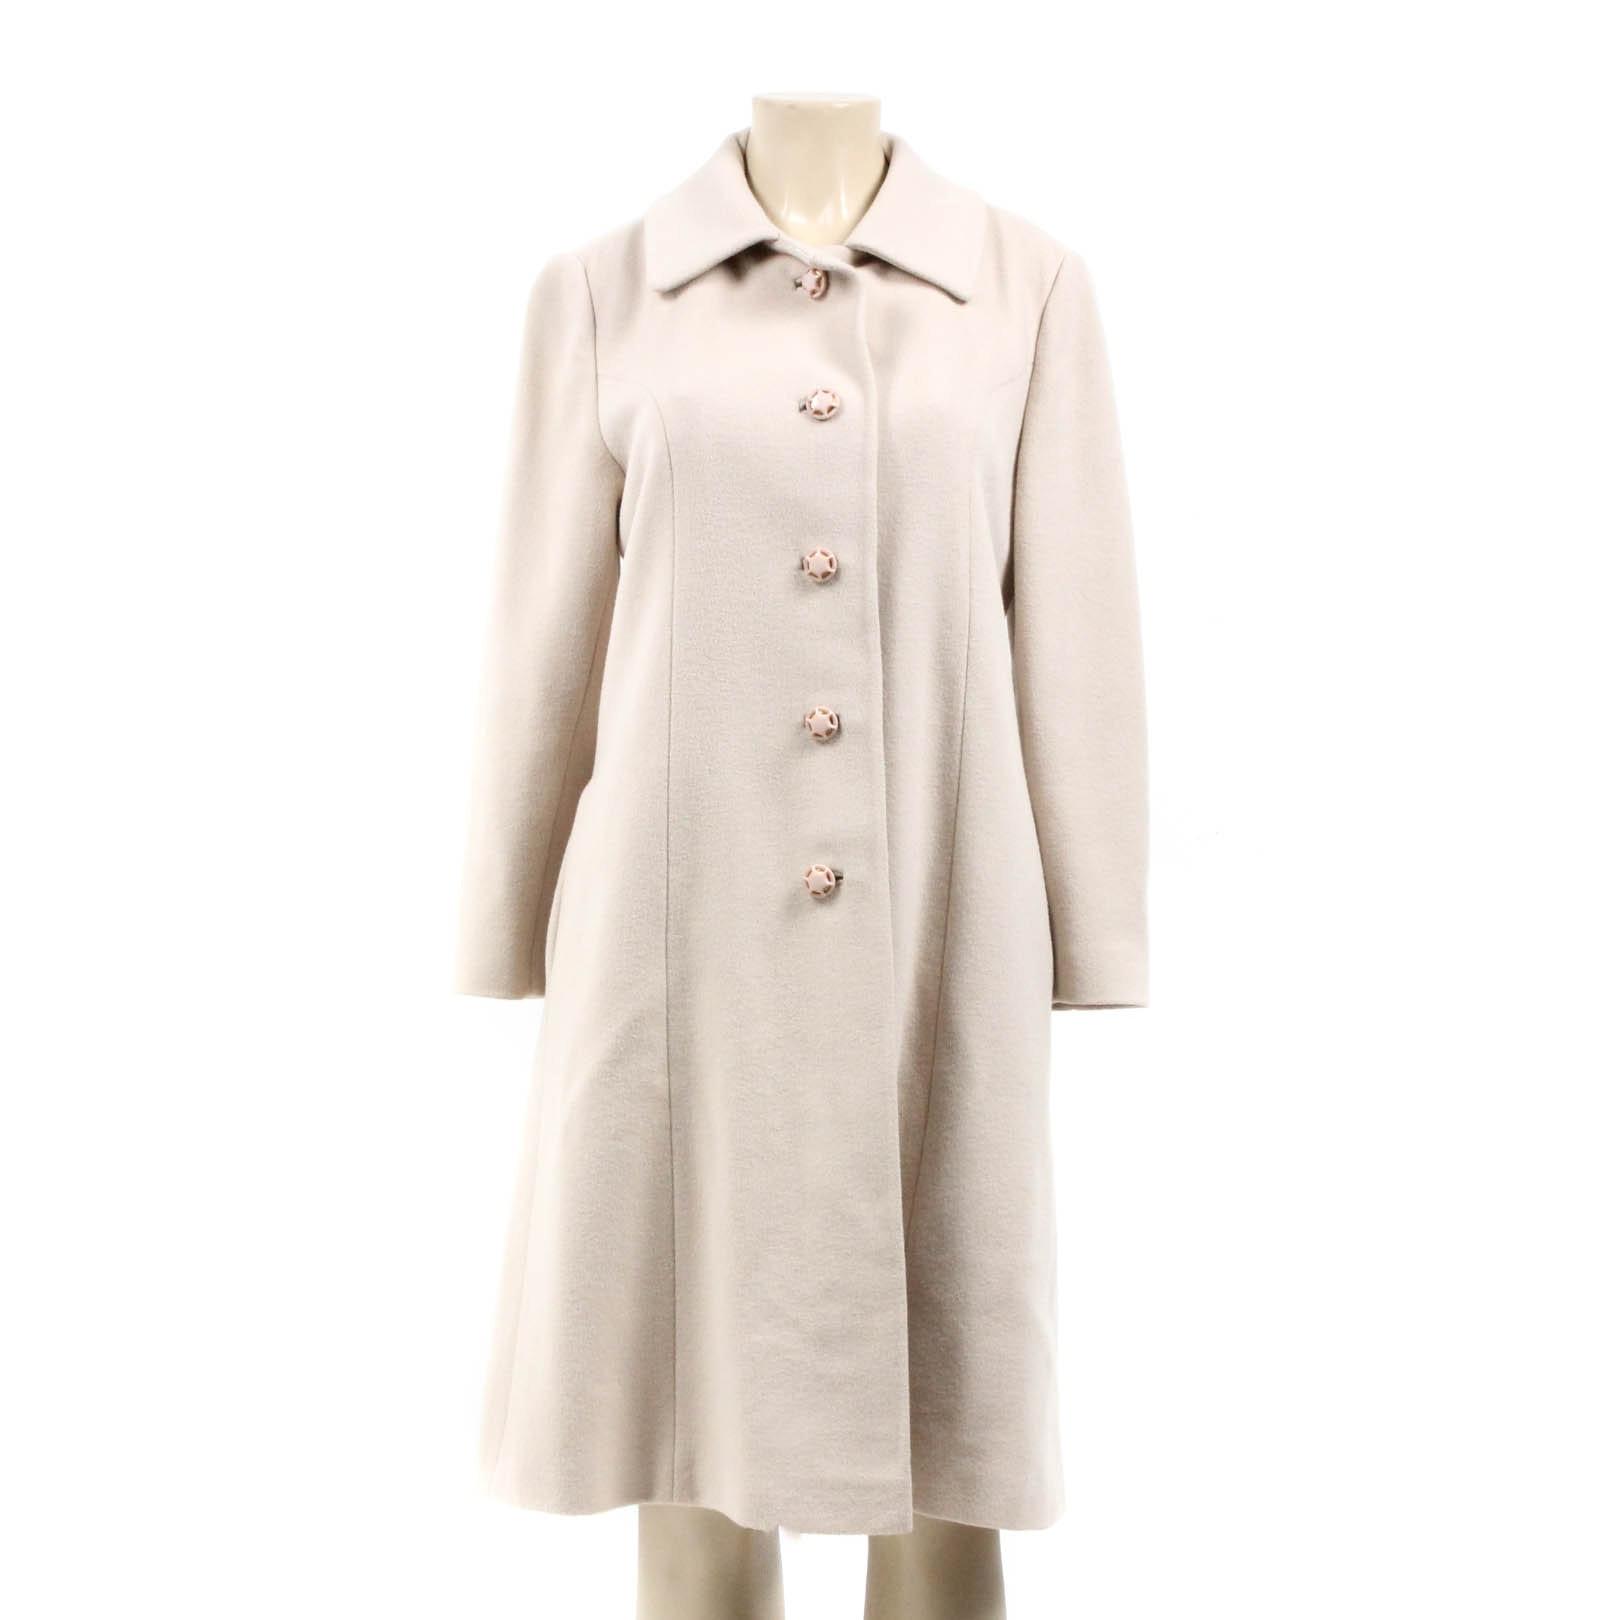 Vintage Beige Cashmere Button-Front Coat